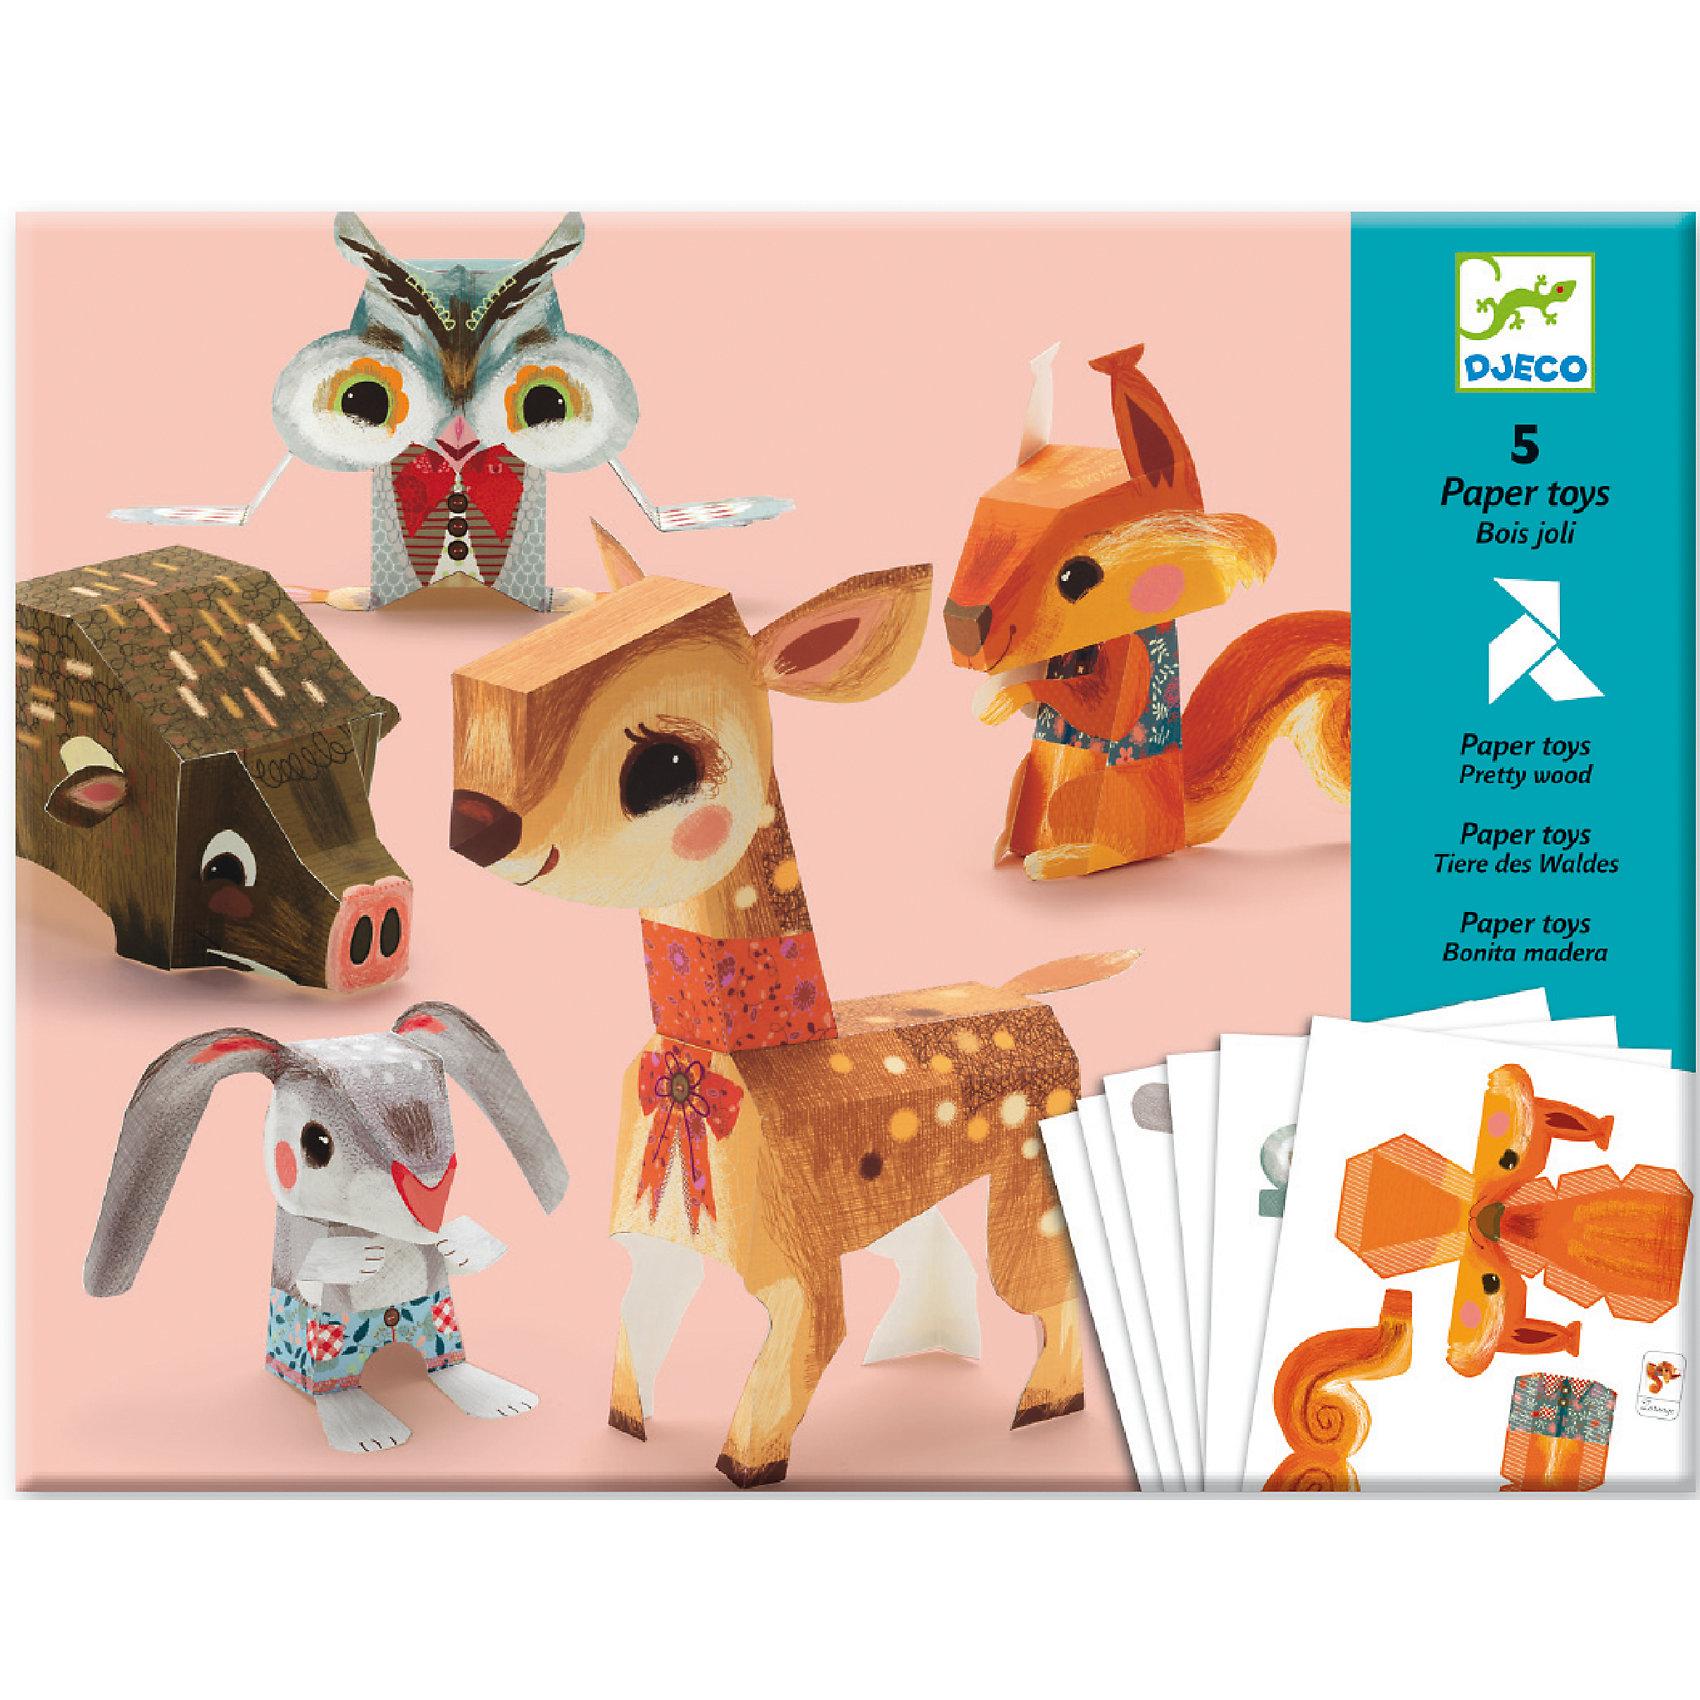 Волшебная бумага «Животные»Рукоделие<br>Волшебная бумага Животные – яркий и необычный набор для творчества от французской фирмы Djeco. Необходимо отделить фигурки животных от листа. Затем по инструкции согнуть бумагу в определенных местах и соединить детали. Получится пять маленьких симпатичных зверюшек. В наборе вы найдете симпатичного кролика и олененка, милую белочку, зайчика, ежика и сову. Фигурки могут стать украшением комнаты, их можно подарить или украсить ими новогоднюю елку. <br>Волшебная бумага поможет ребенку лучше узнать лесных обитателей. Игра с красивыми изображениями развивает художественный вкус. Выполняя сложные задачи ребенок учится аккуратно и усердно заниматься, доводить начатое до конца. Волшебная бумага Животные от французской компании Djeco станет прекрасным подарком для детей старше 7 лет. Набор для творчества Волшебная бумага Животные упакован в красивую подарочную коробку. В наборе: 6 листов с деталями<br>подробная инструкция<br><br>Волшебная бумага «Животные» можно купить в нашем магазине.<br><br>Ширина мм: 320<br>Глубина мм: 240<br>Высота мм: 10<br>Вес г: 220<br>Возраст от месяцев: 84<br>Возраст до месяцев: 156<br>Пол: Унисекс<br>Возраст: Детский<br>SKU: 4783884